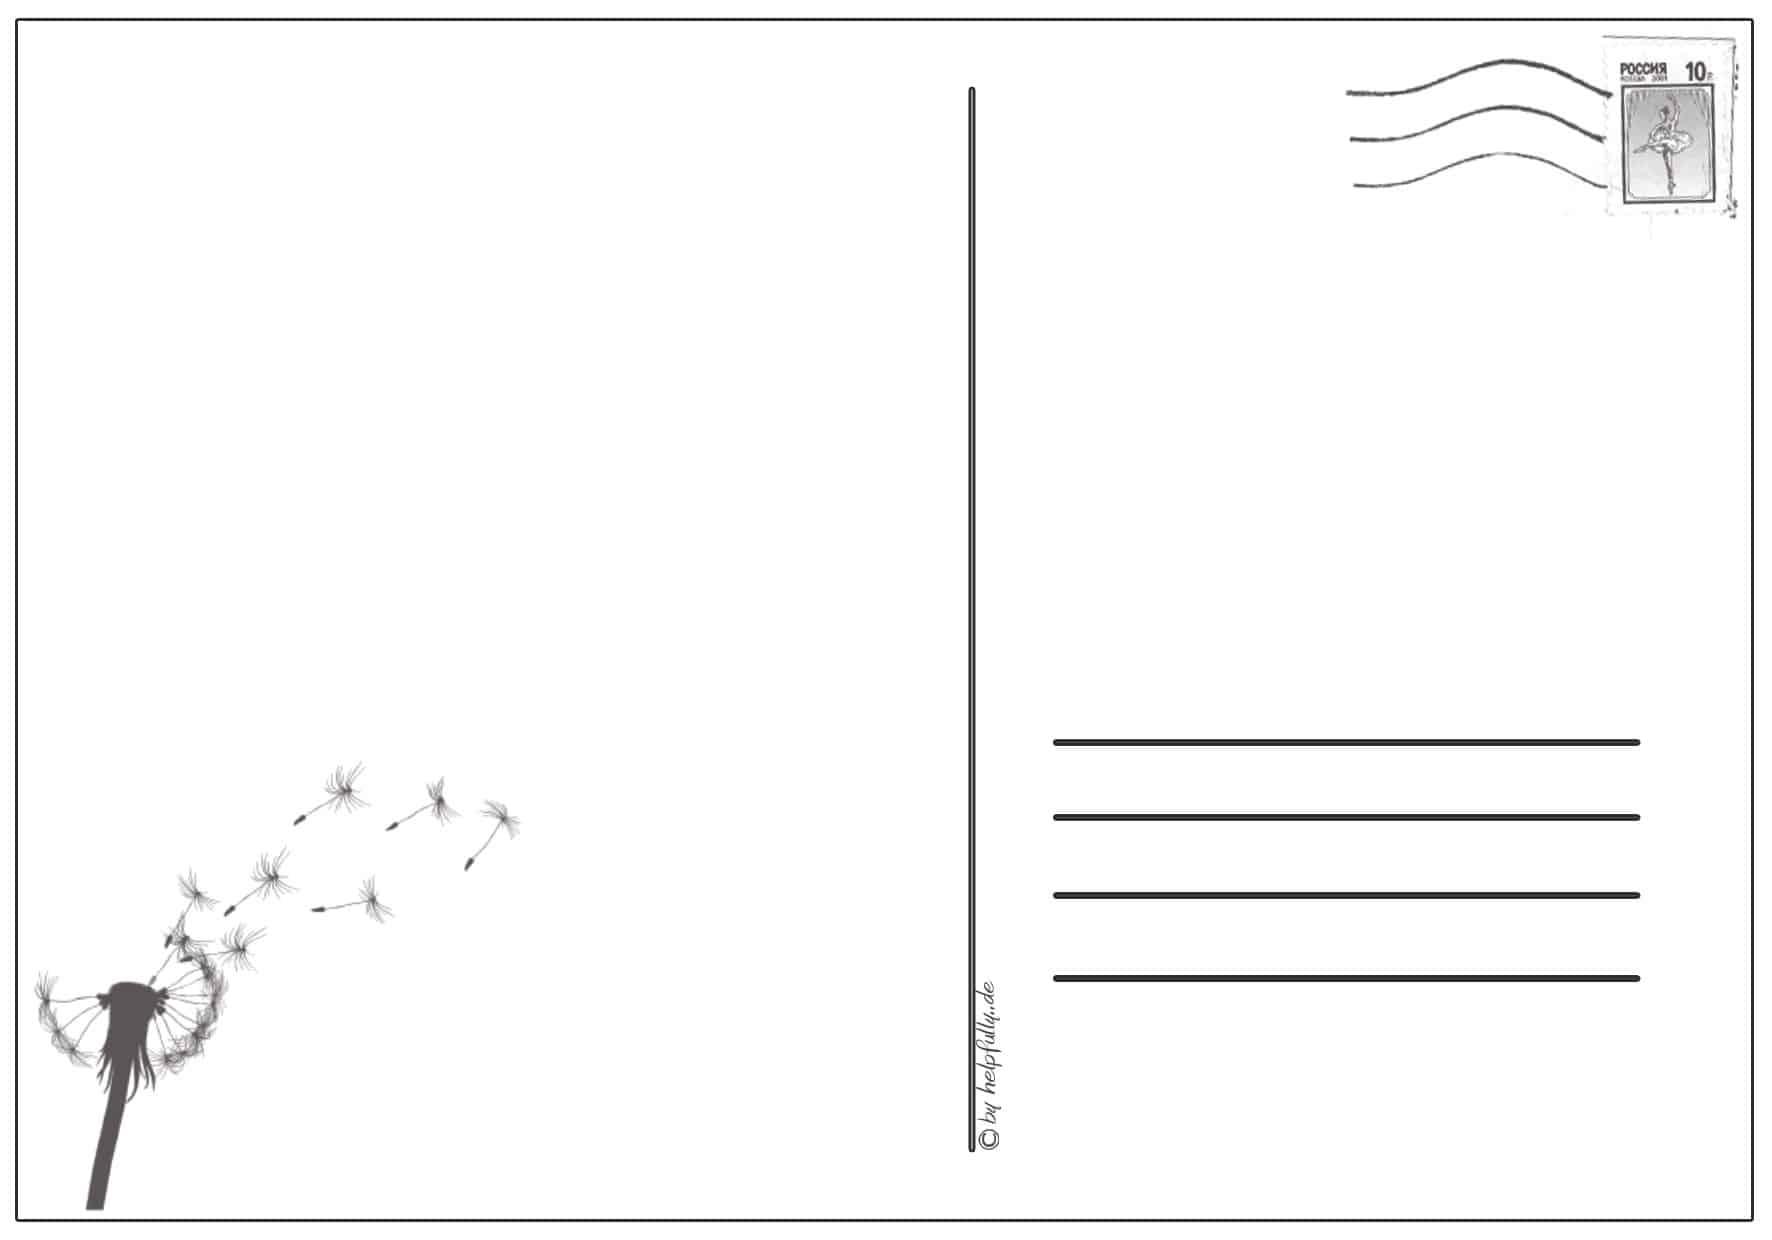 Karten, Postkarten, Einladungen| Gratis Papier-Vorlagen Zum für Postkarten Kostenlos Drucken